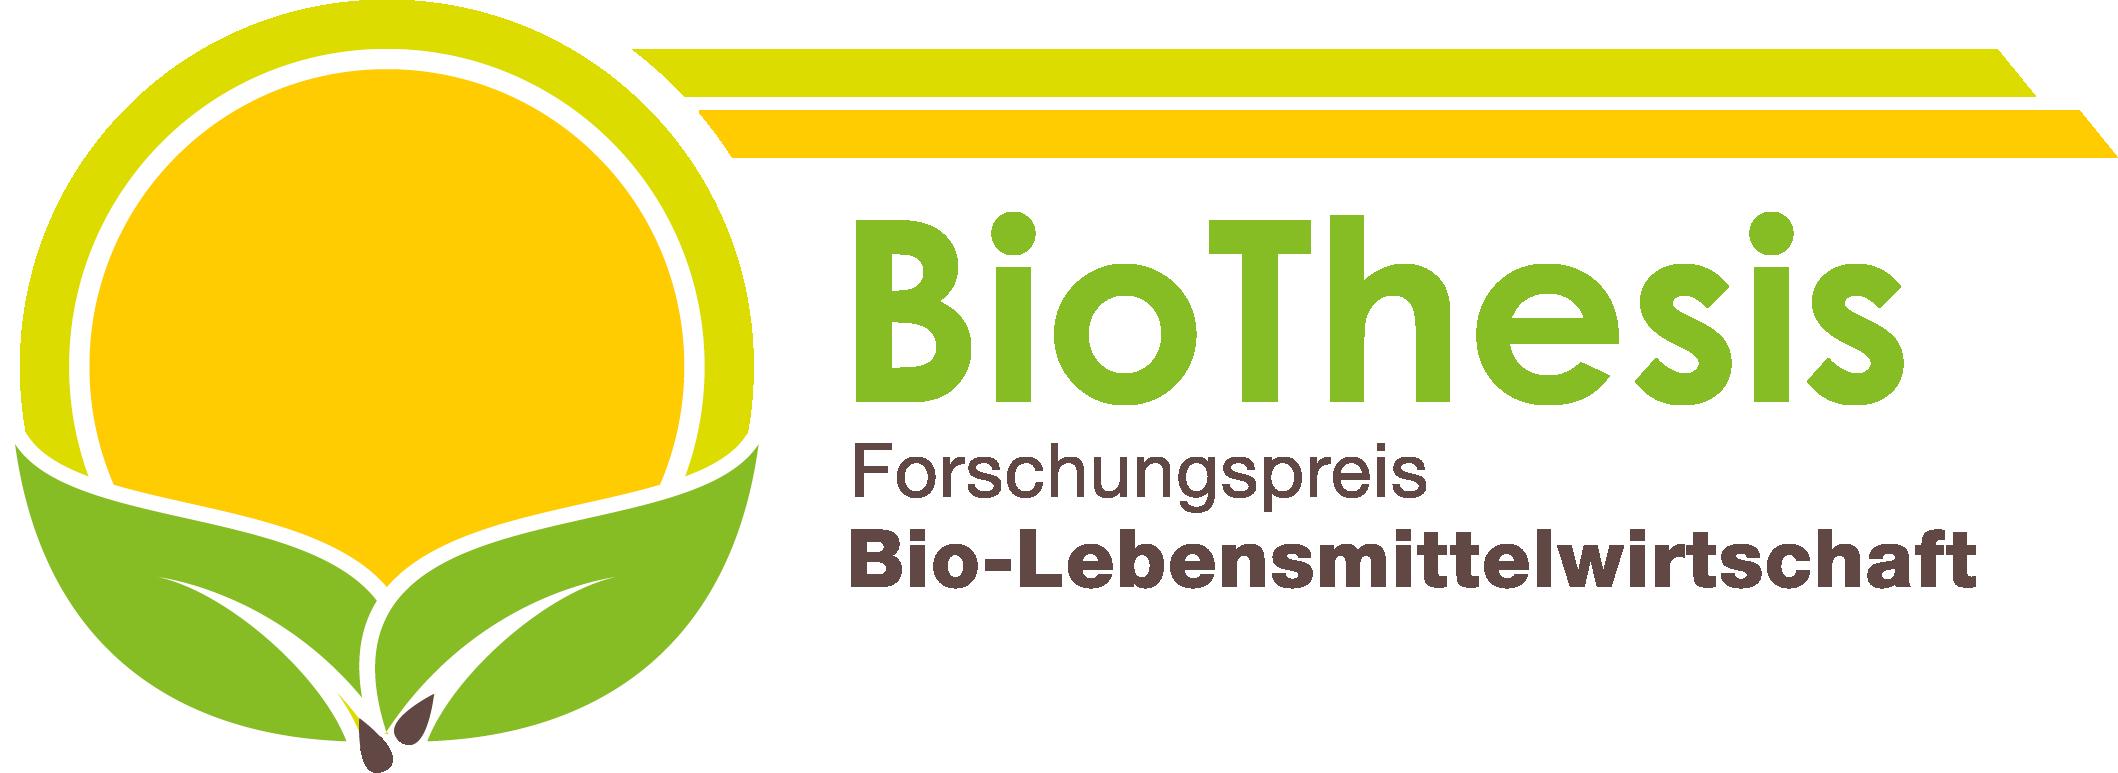 BioThesis